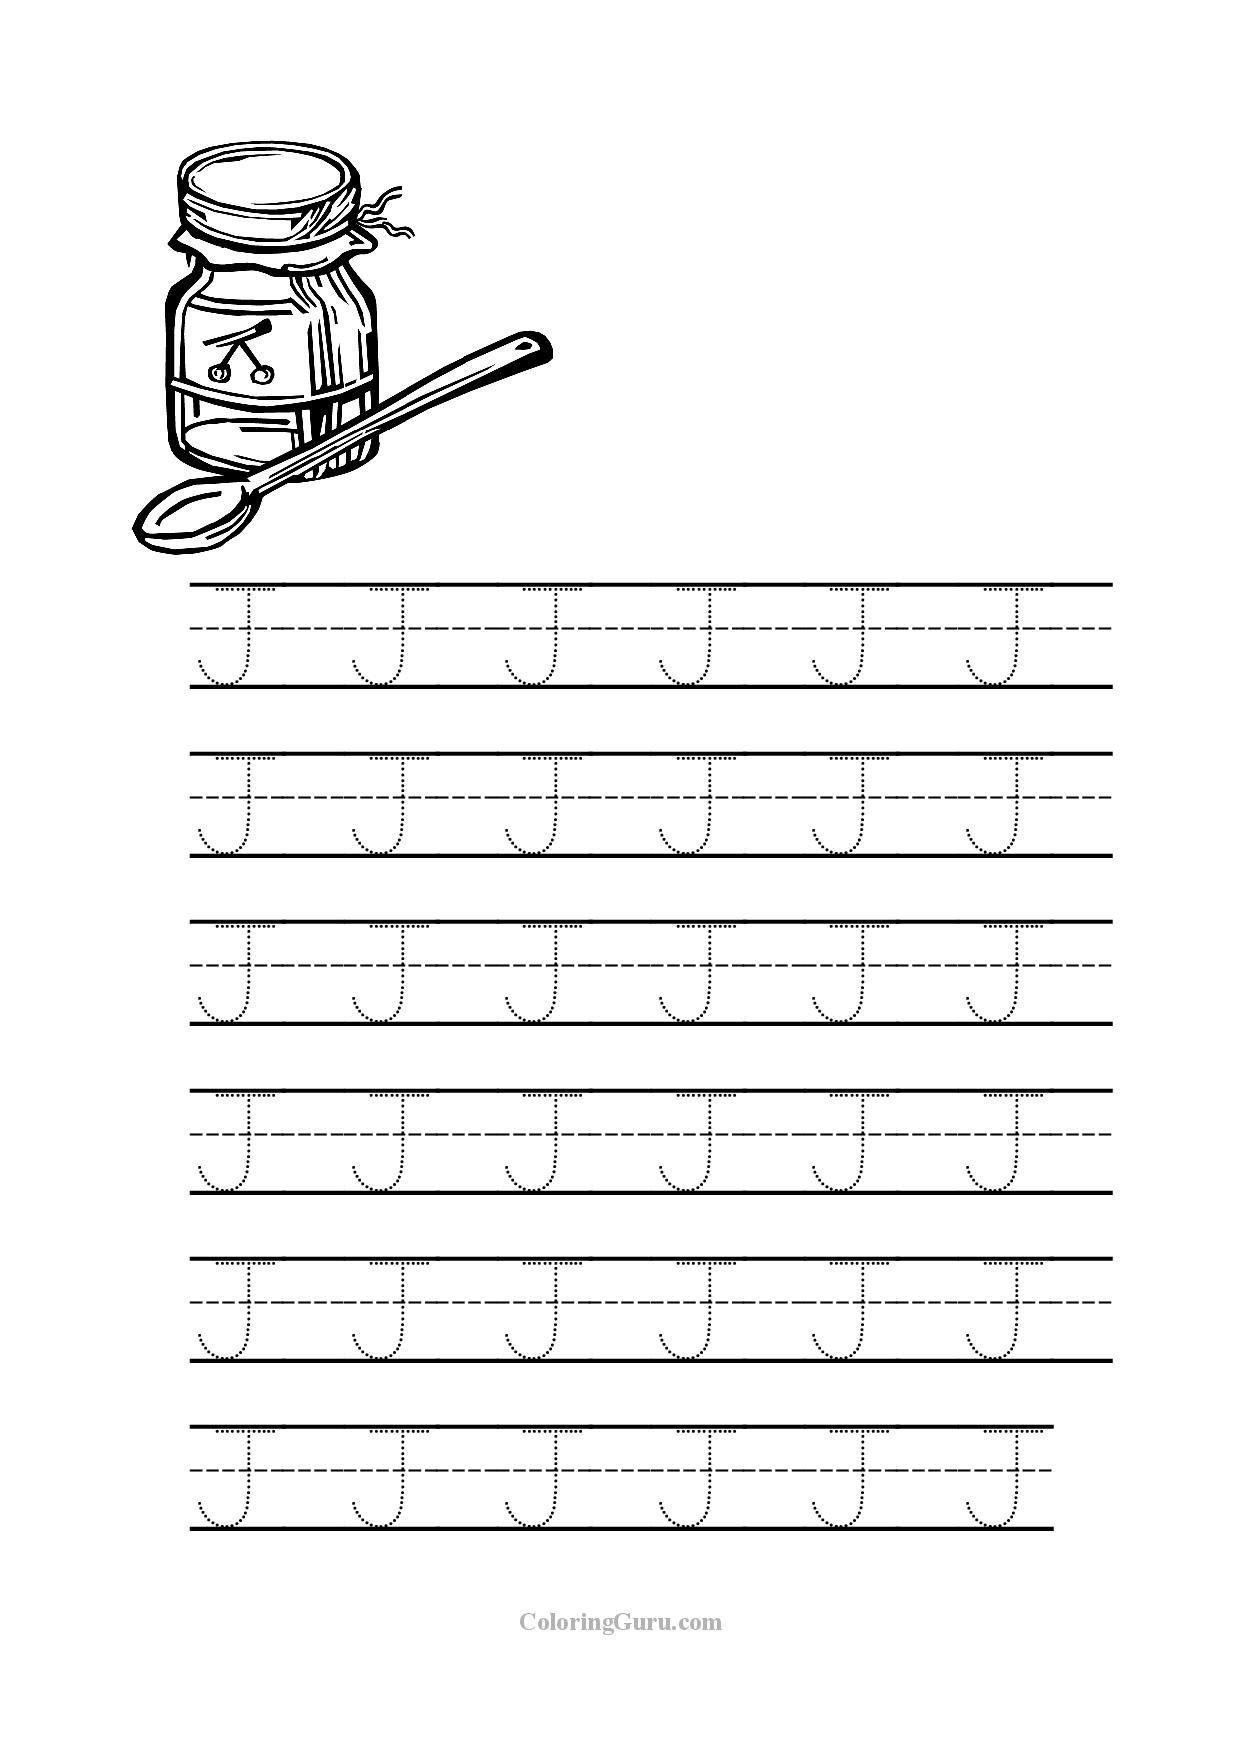 Tracing_Letter_J_Worksheets_For_Preschool 1,240×1,754